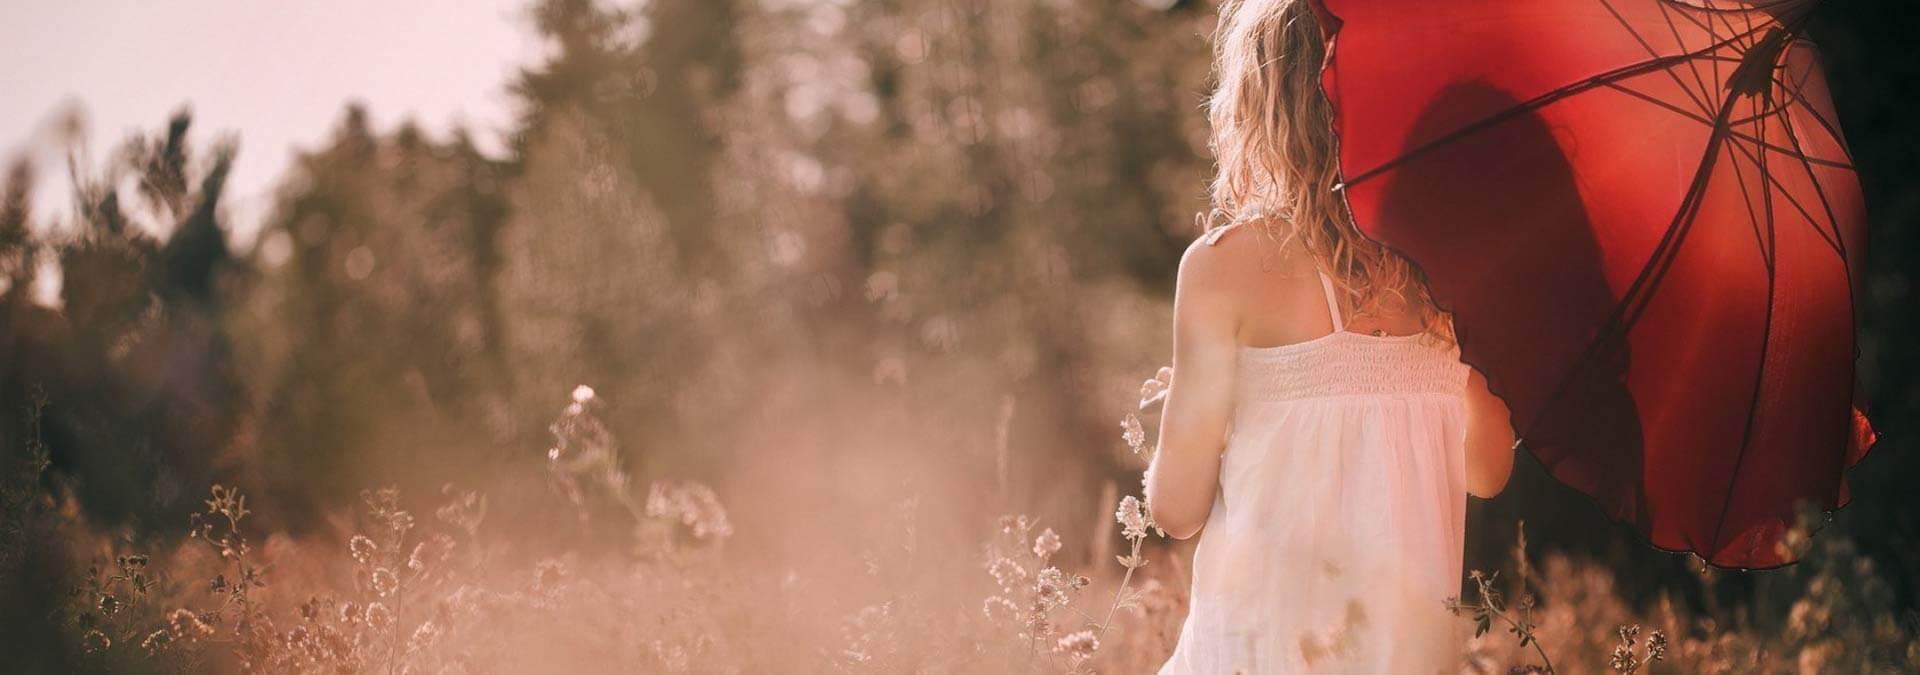 De beste geheimen over geluk ontrafeld